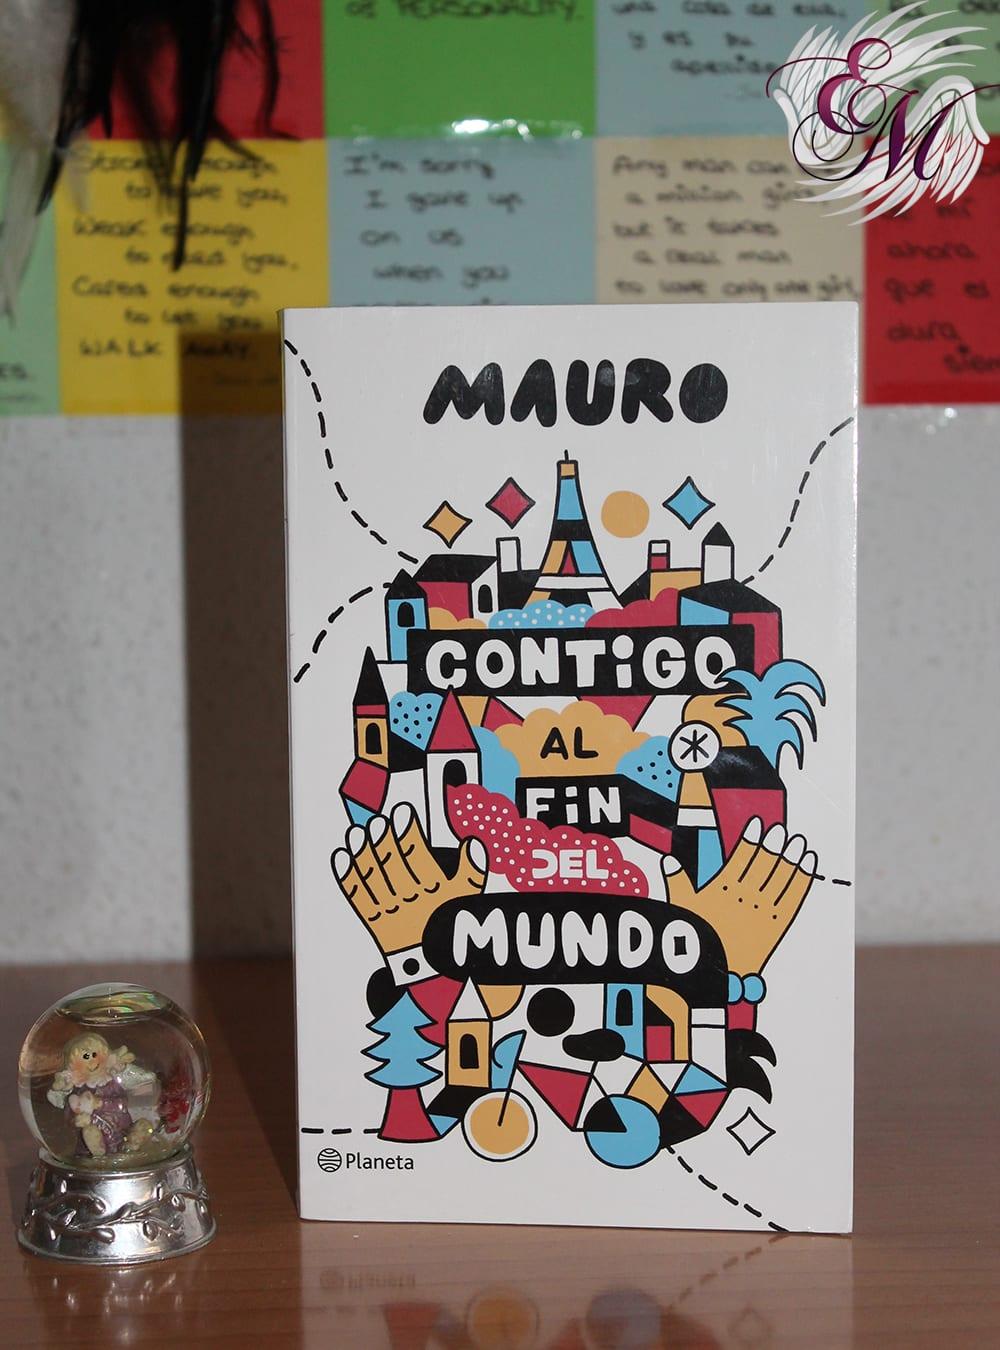 Contigo al fin del mundo, de Mauro - Reseña